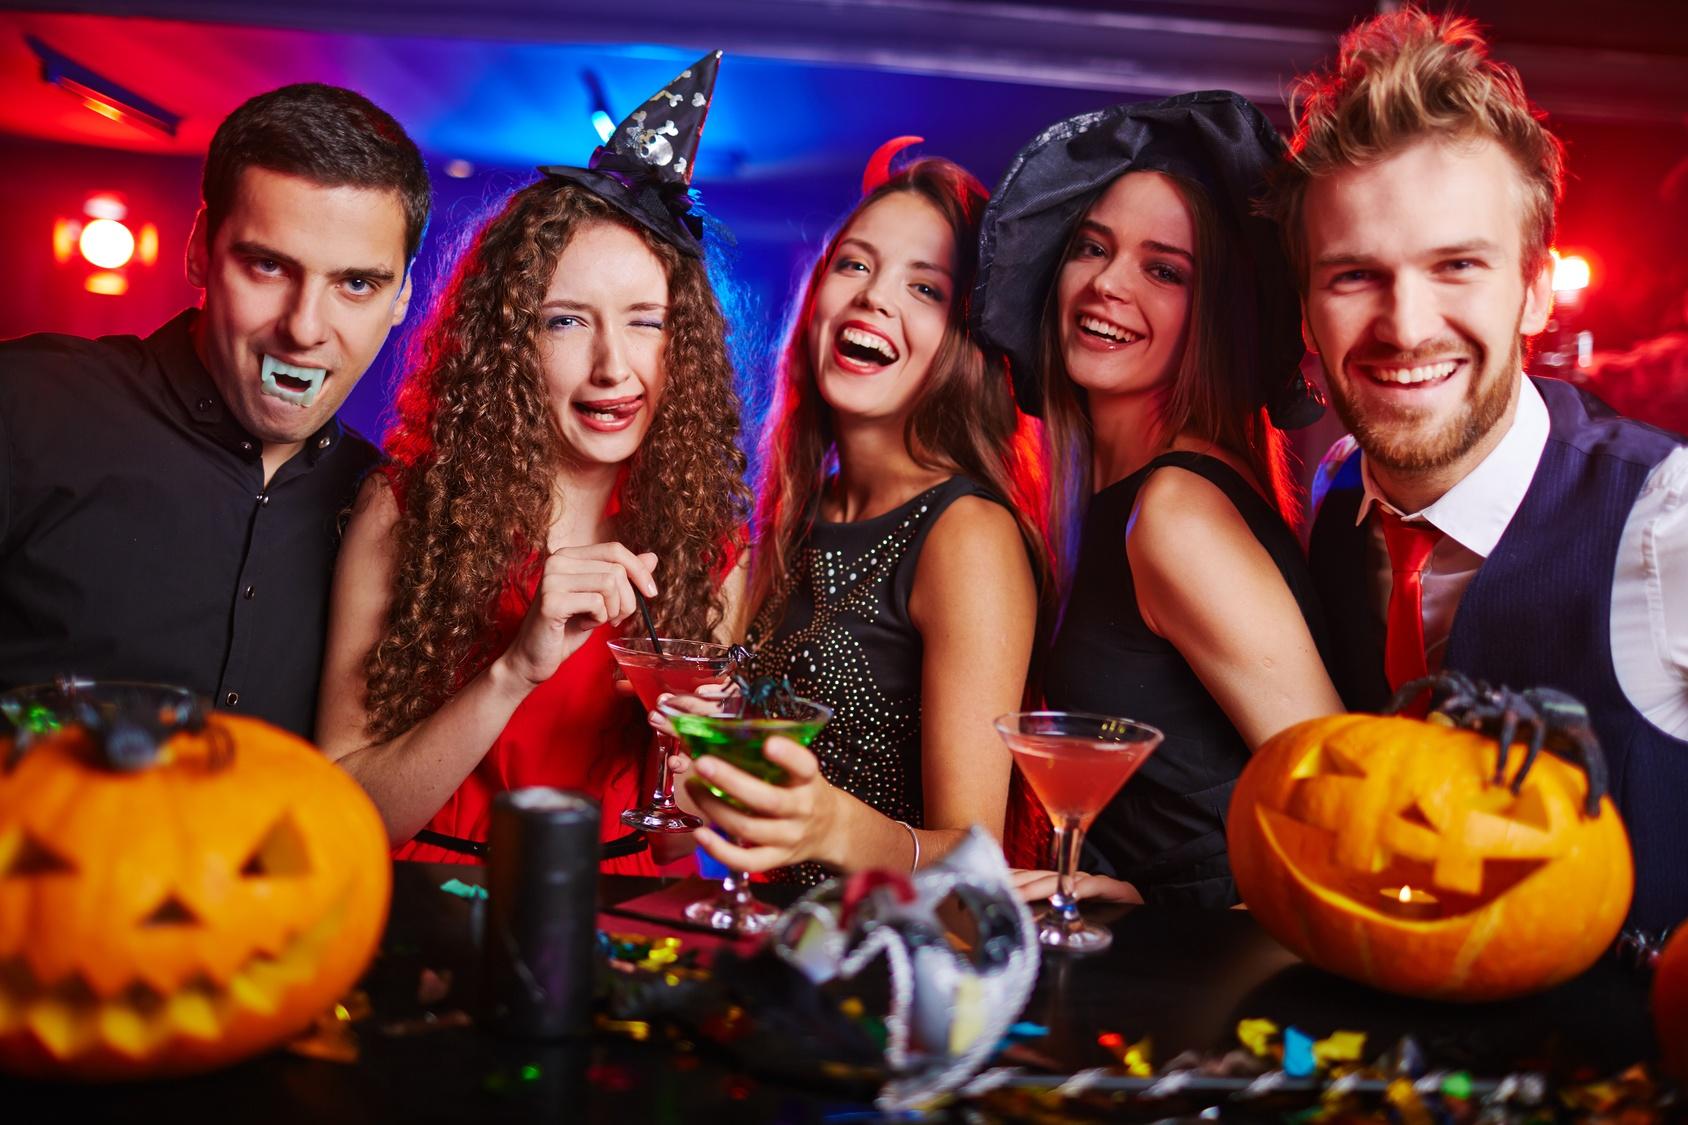 swingers halloween party,swingers halloween,DIY party